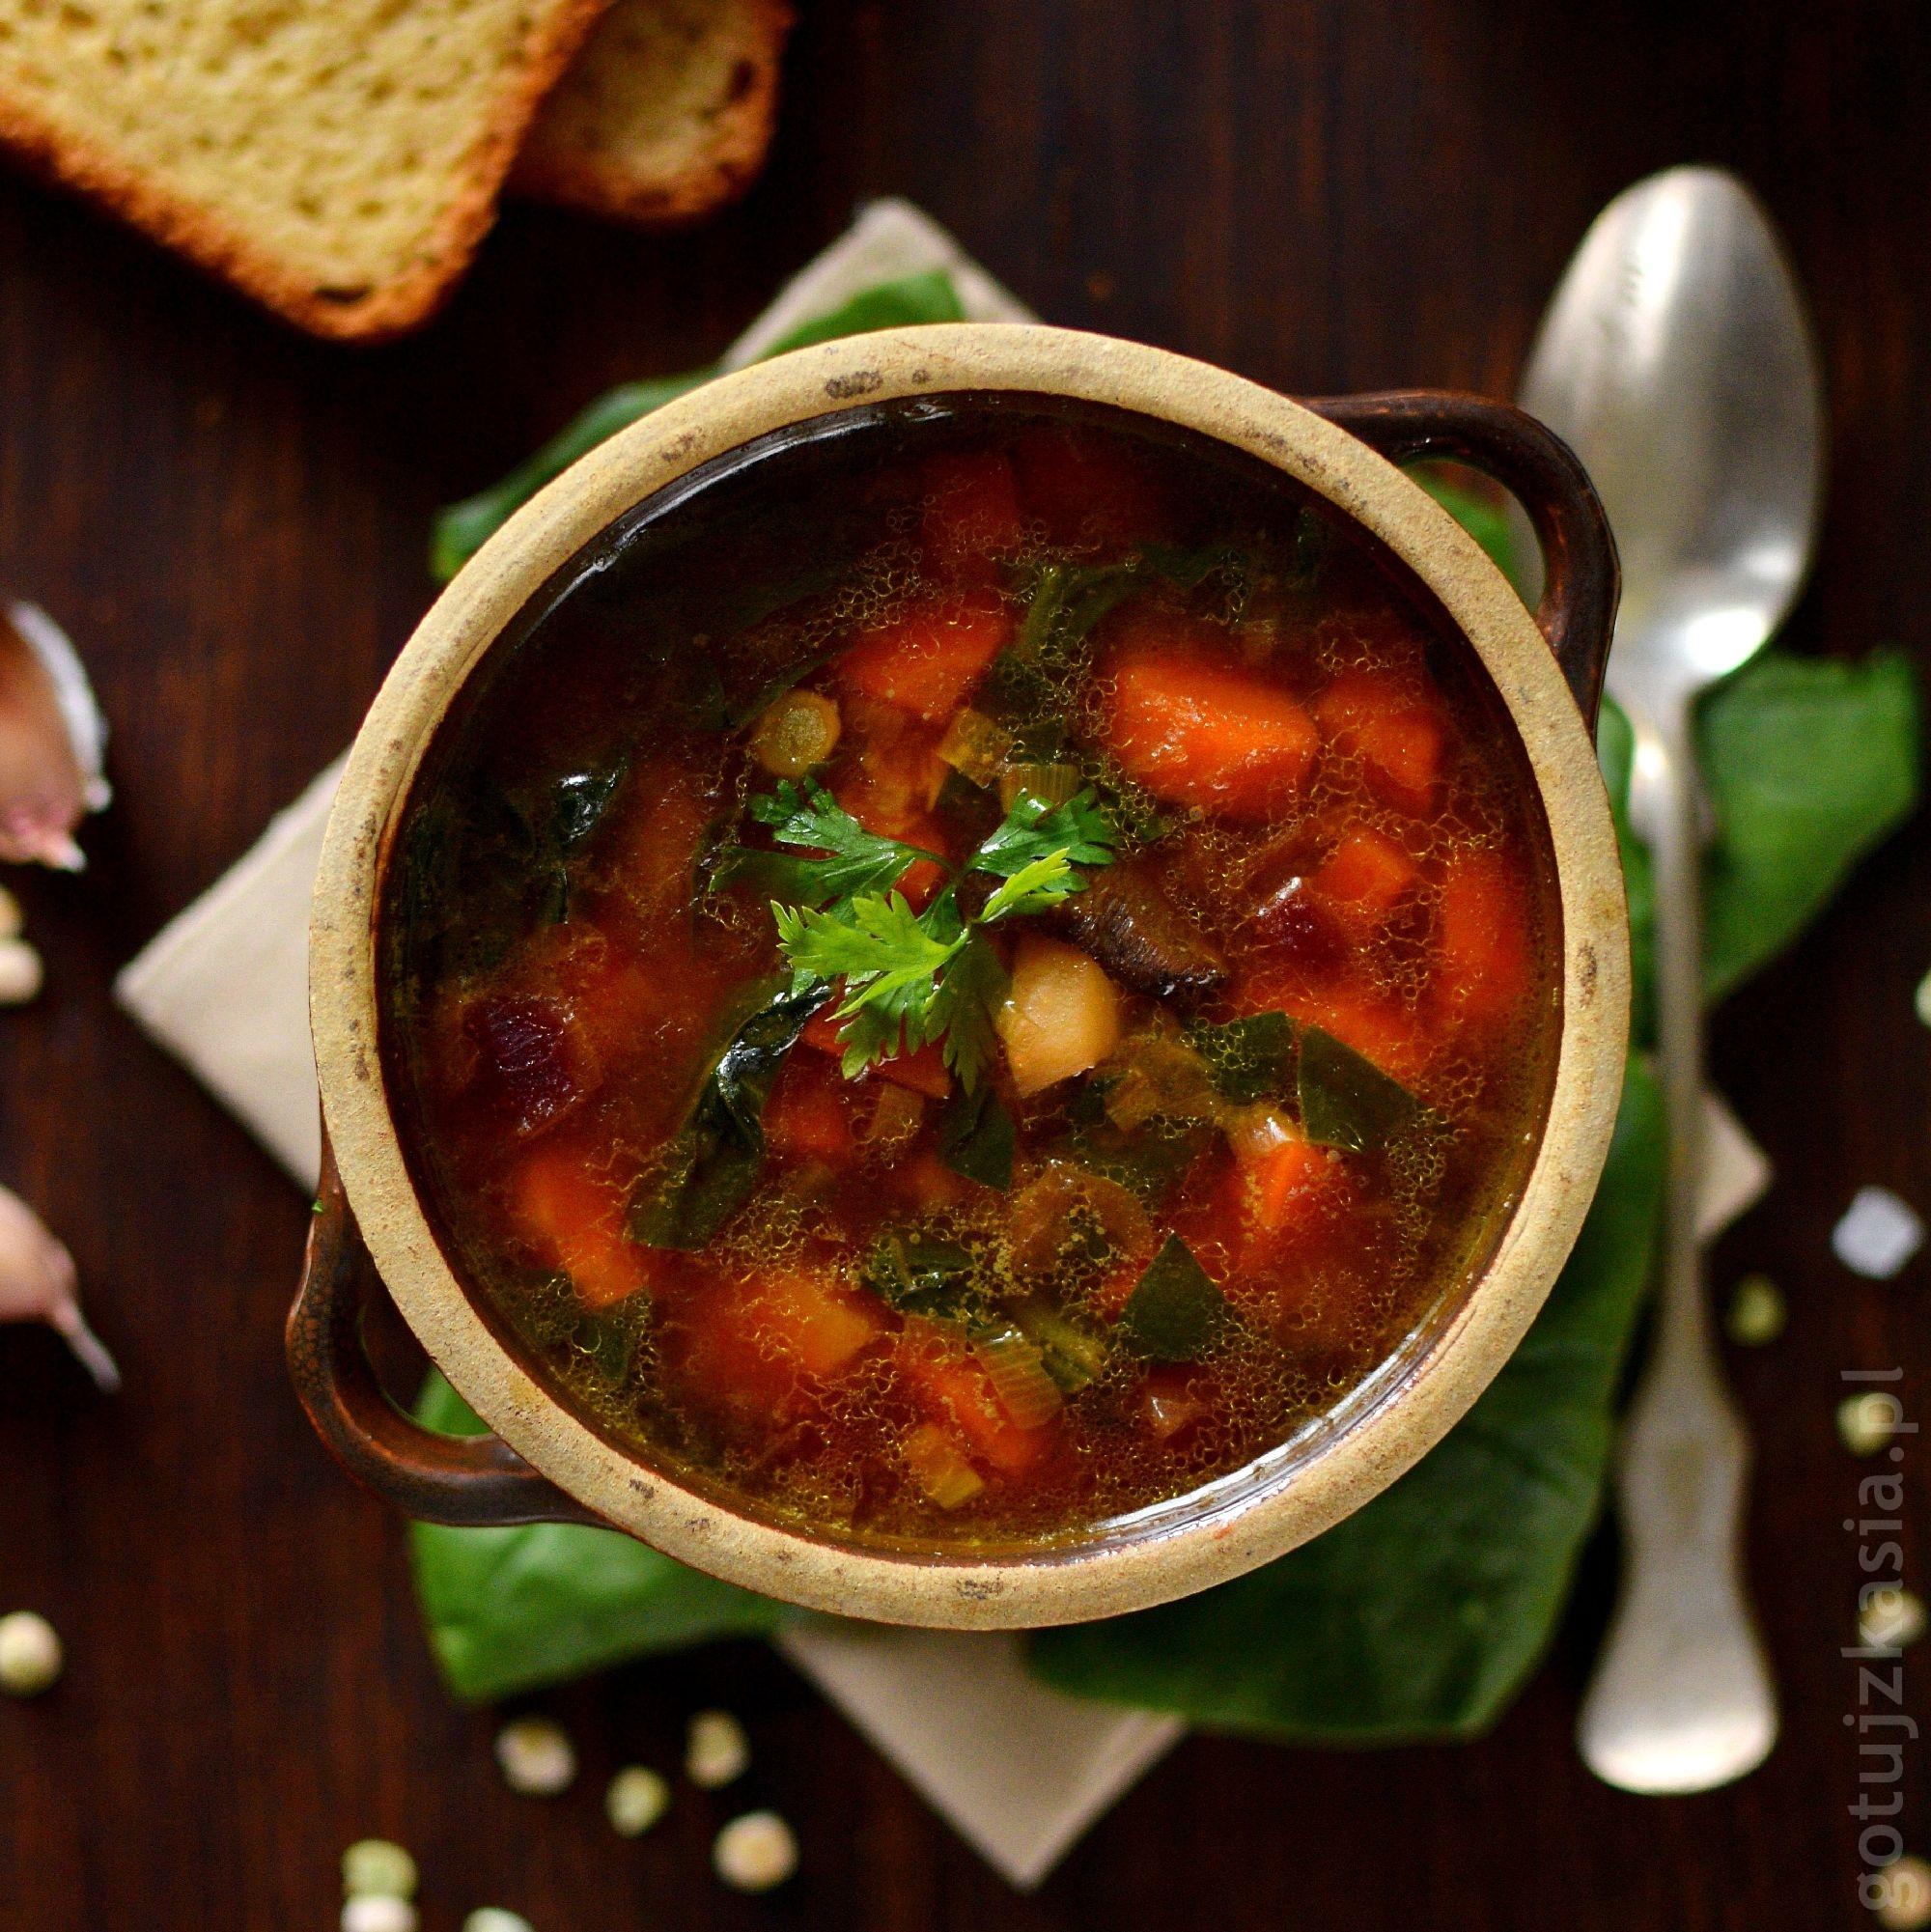 jesienna zupa 3